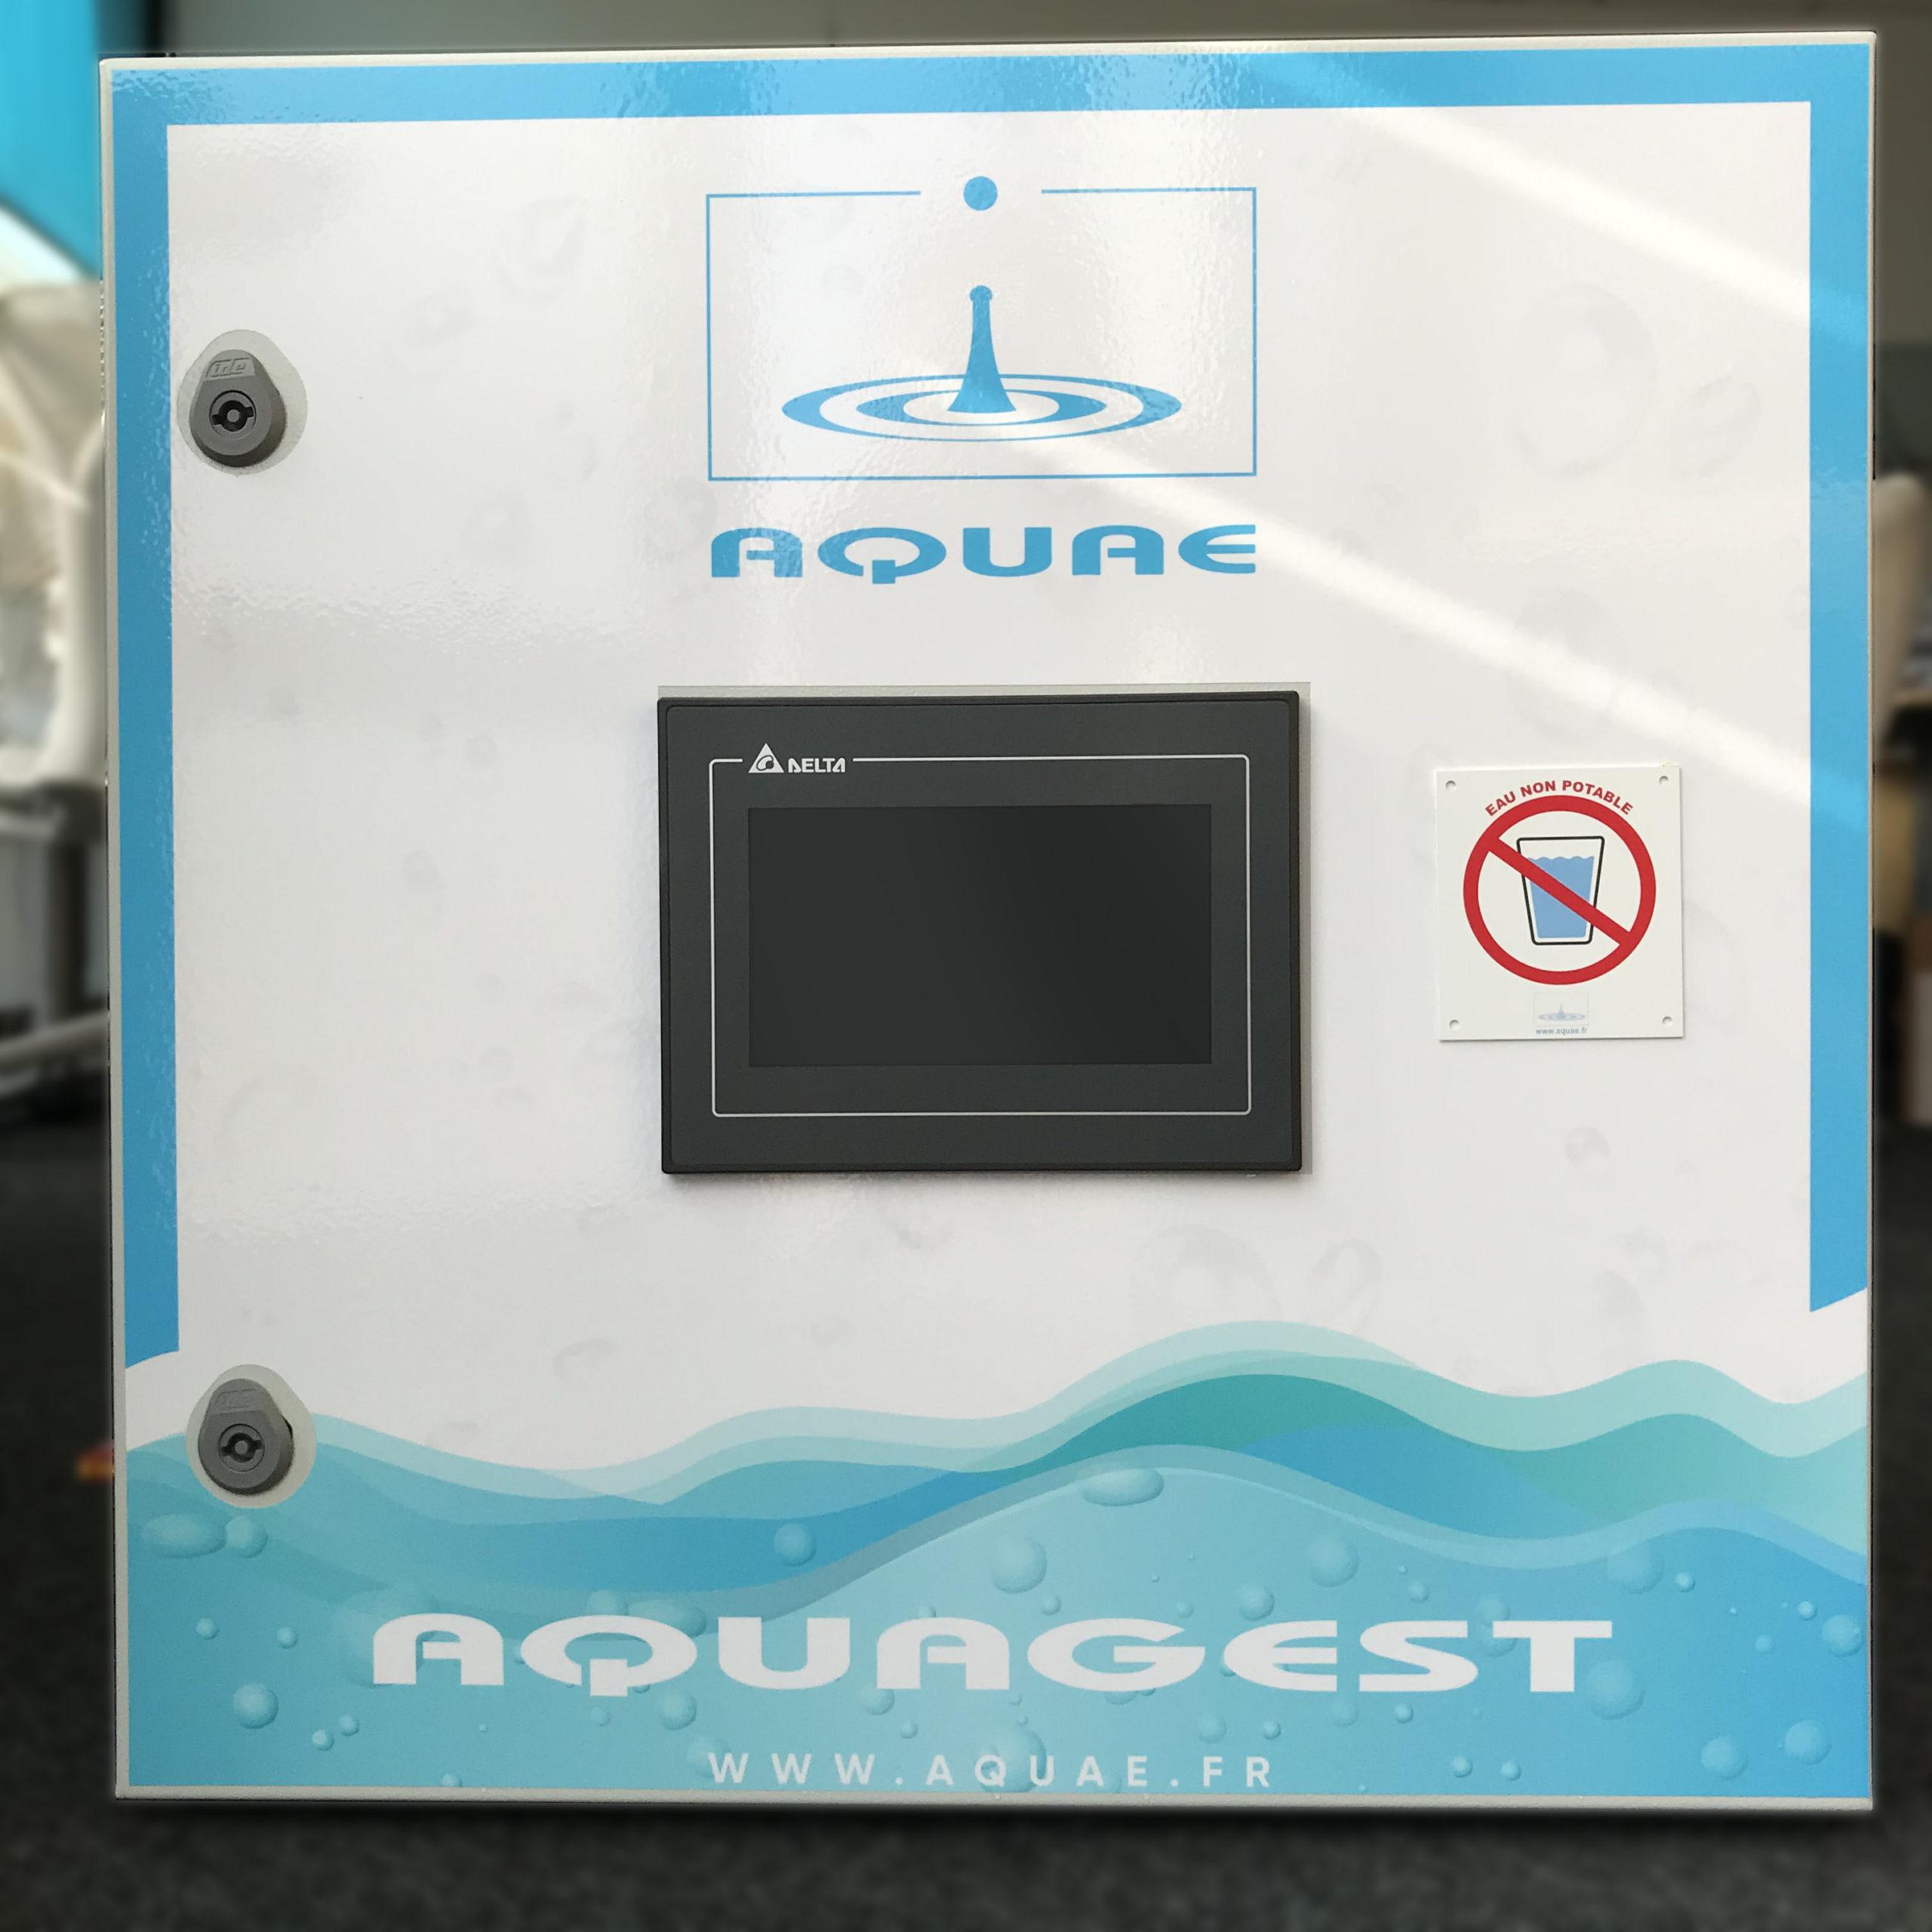 aquaserver